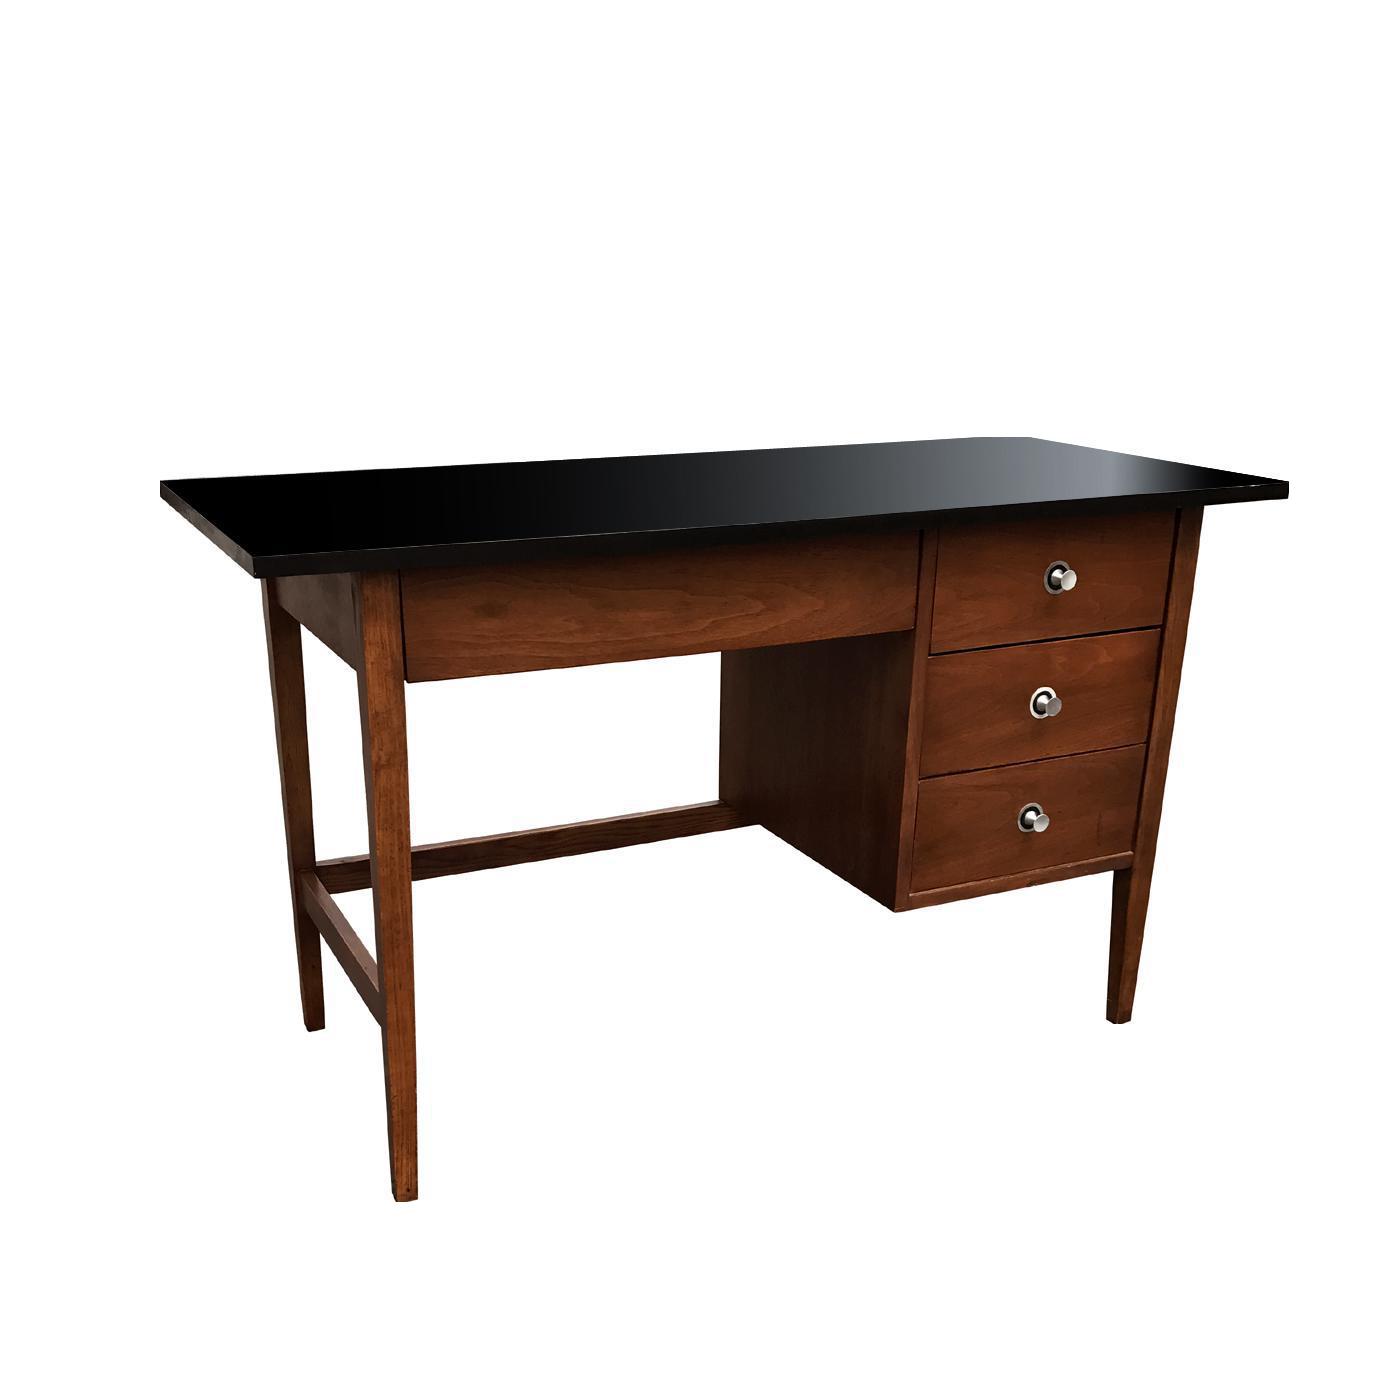 Mid Century Modern Desk By Stanley Furniture